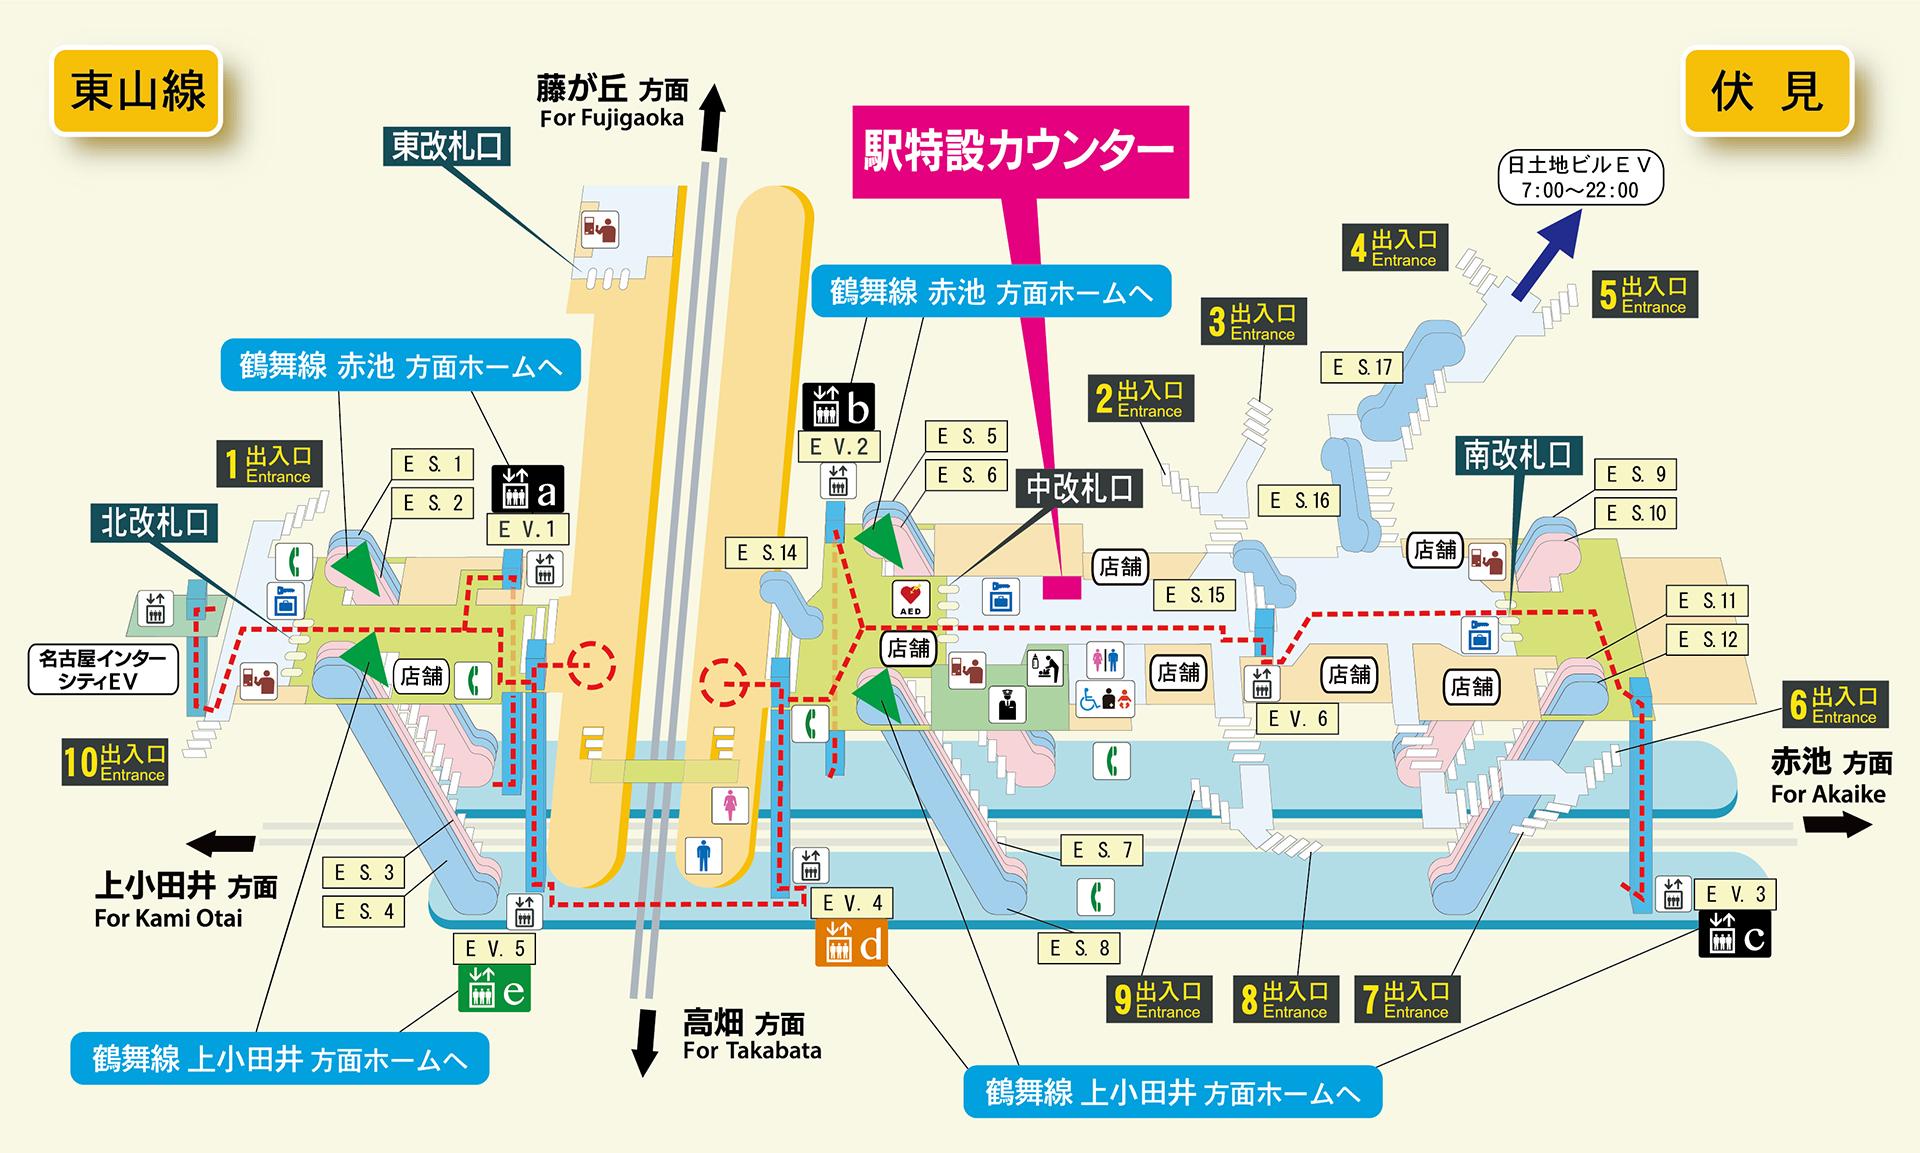 3/2(火)~12(金)まで<br>伏見駅特設カウンター 受付日程